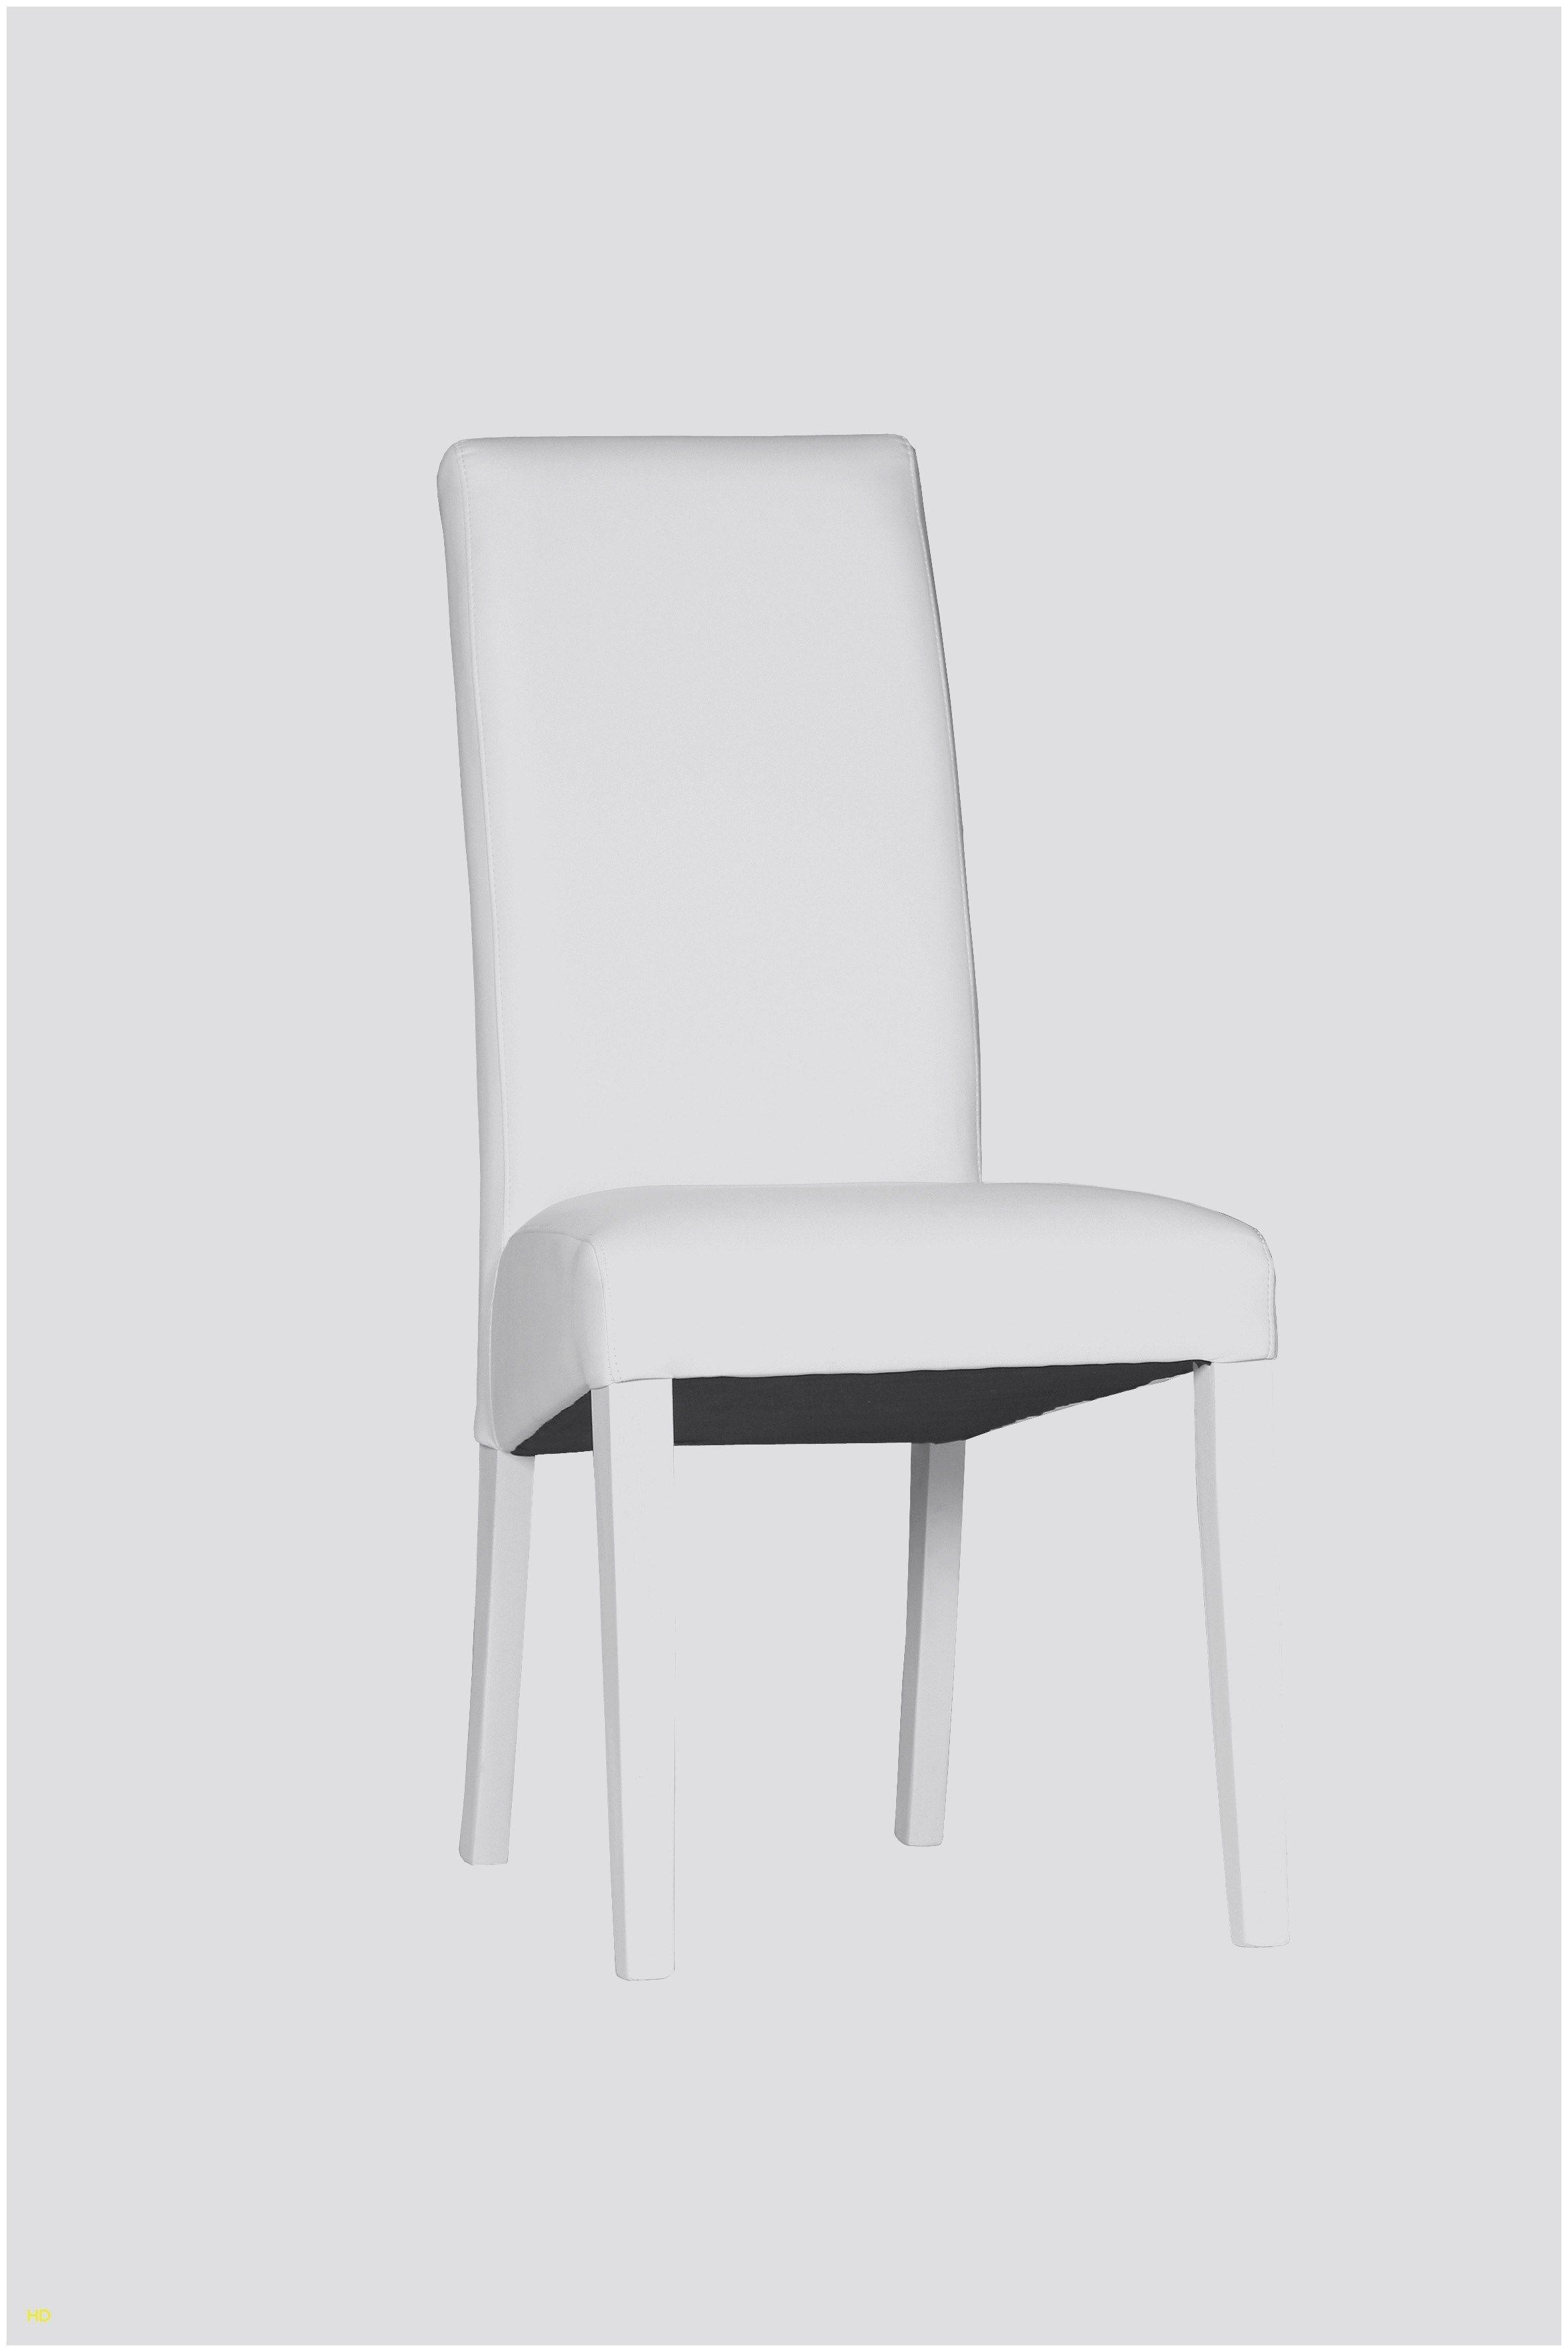 Lovely Fauteuil Bureau Design Scandinave Chaise Style Industriel